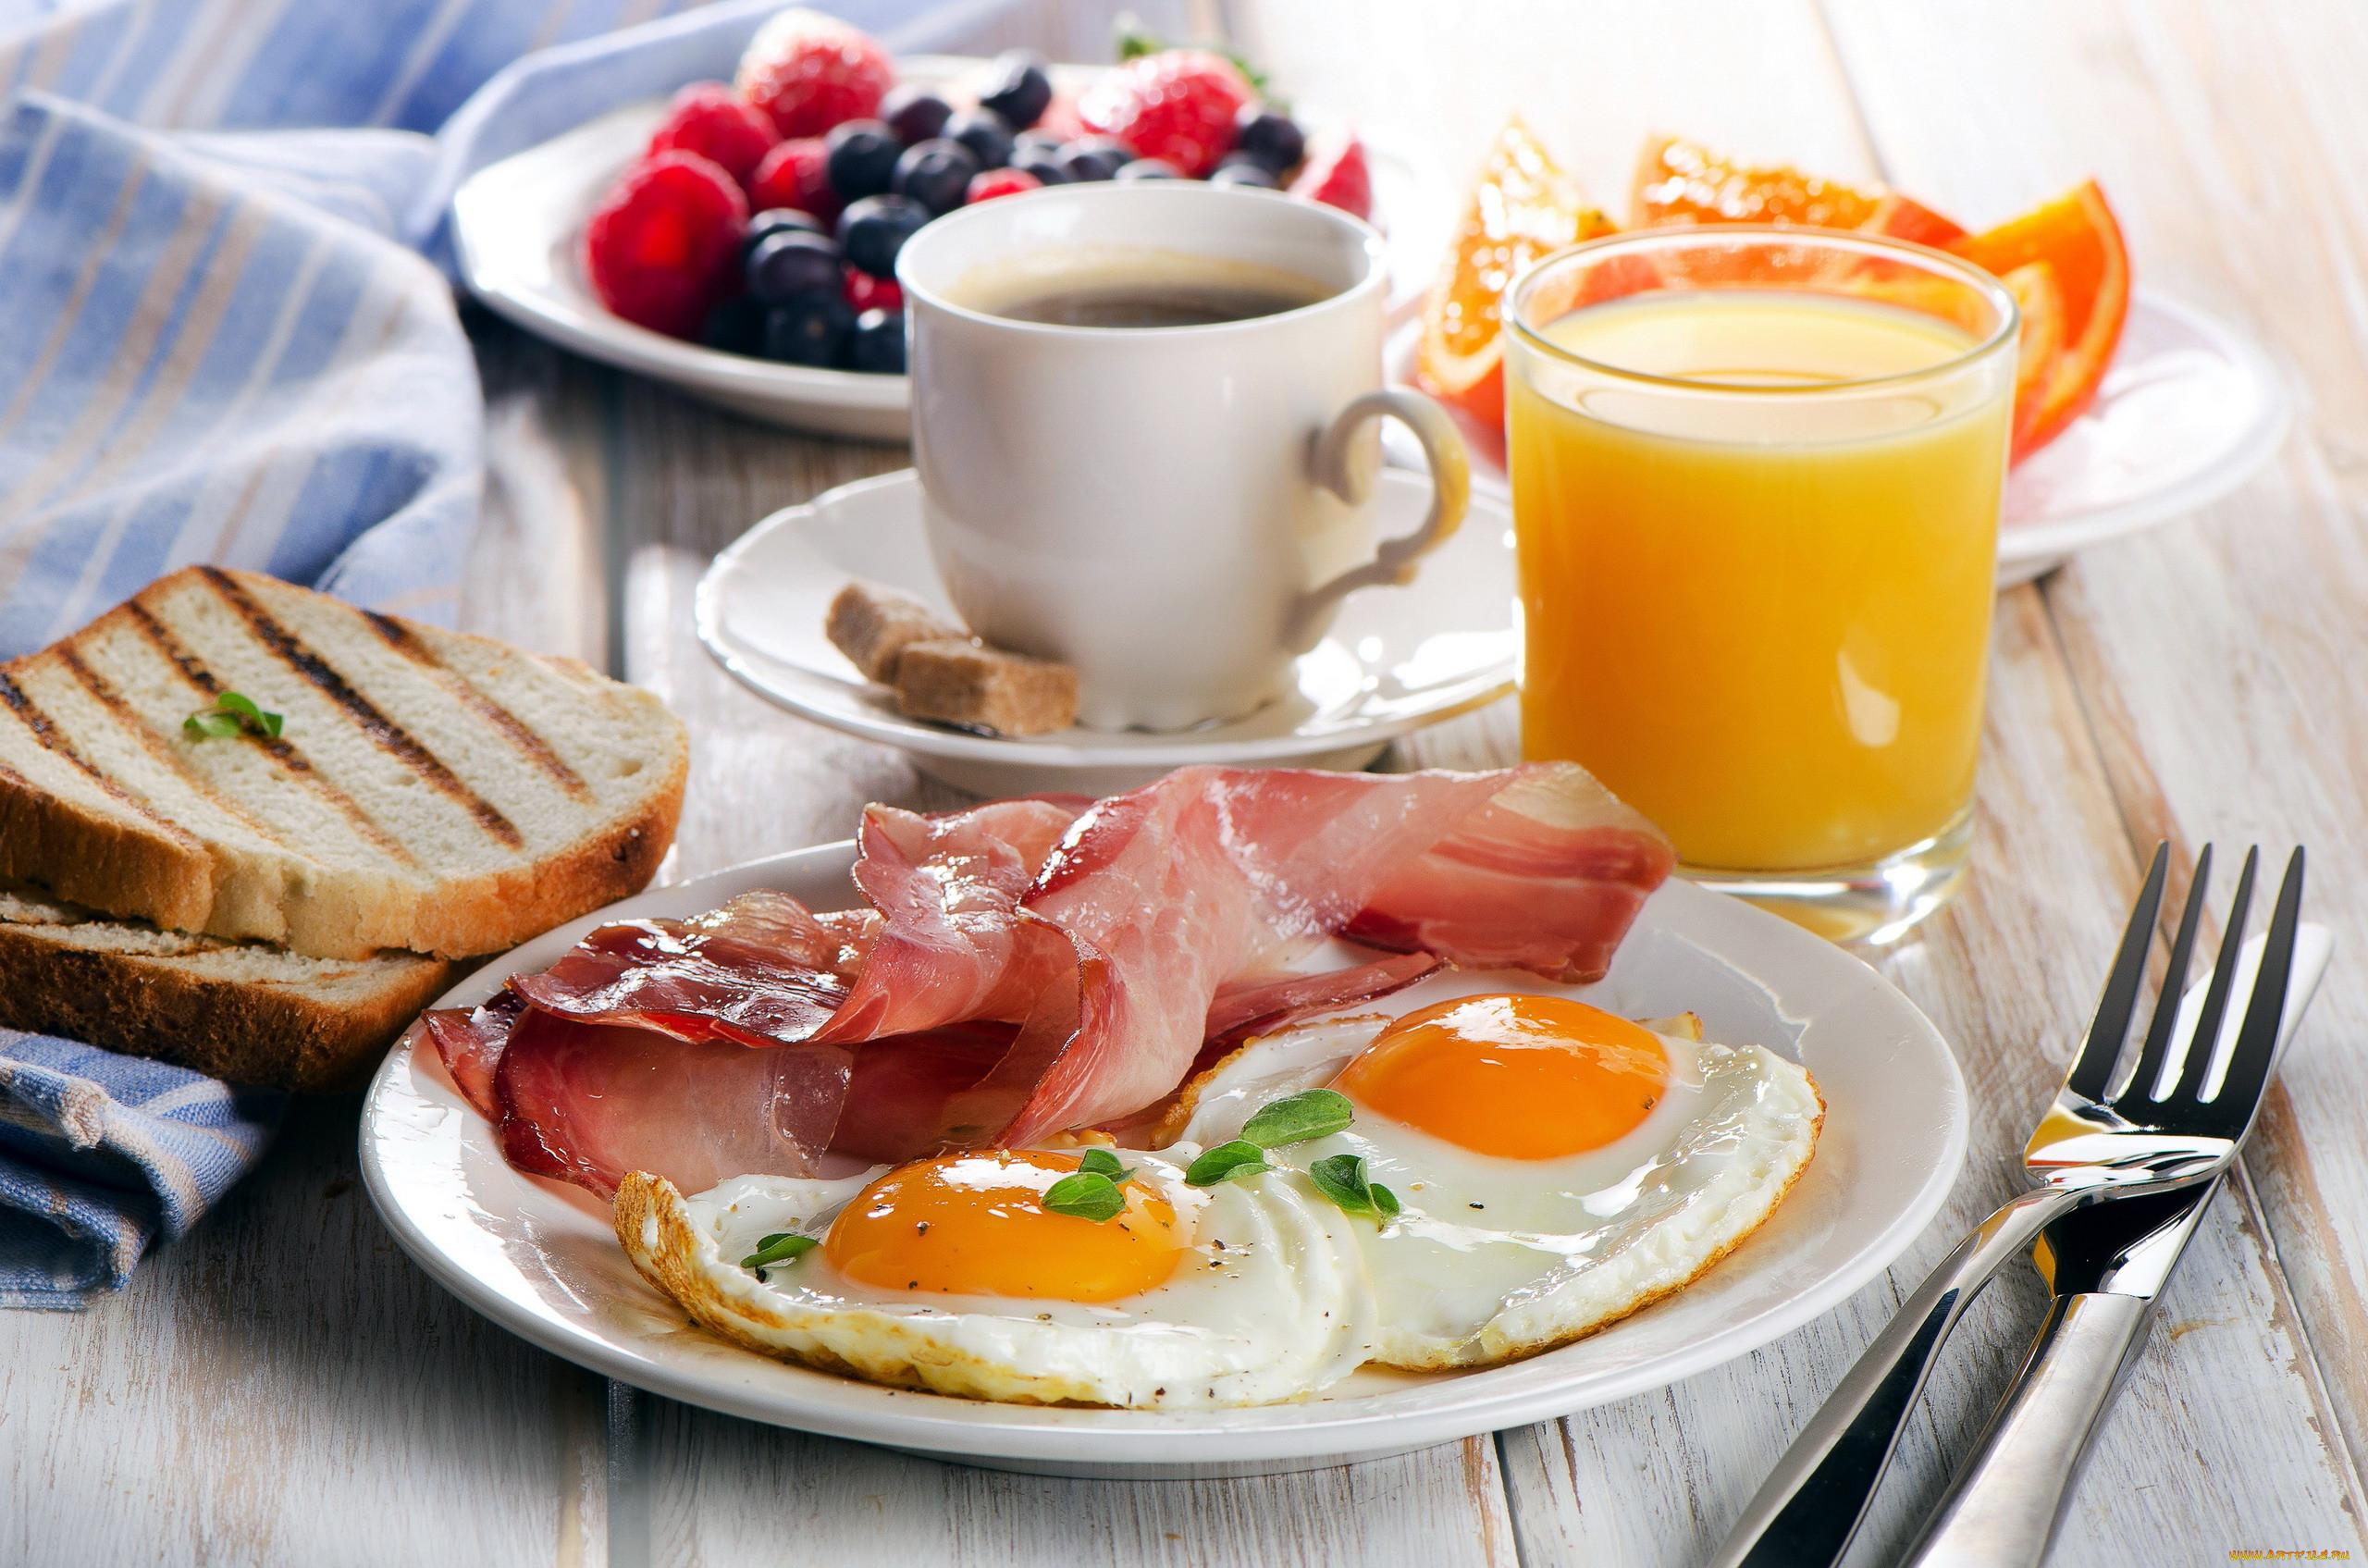 Фото с вкусным завтраком